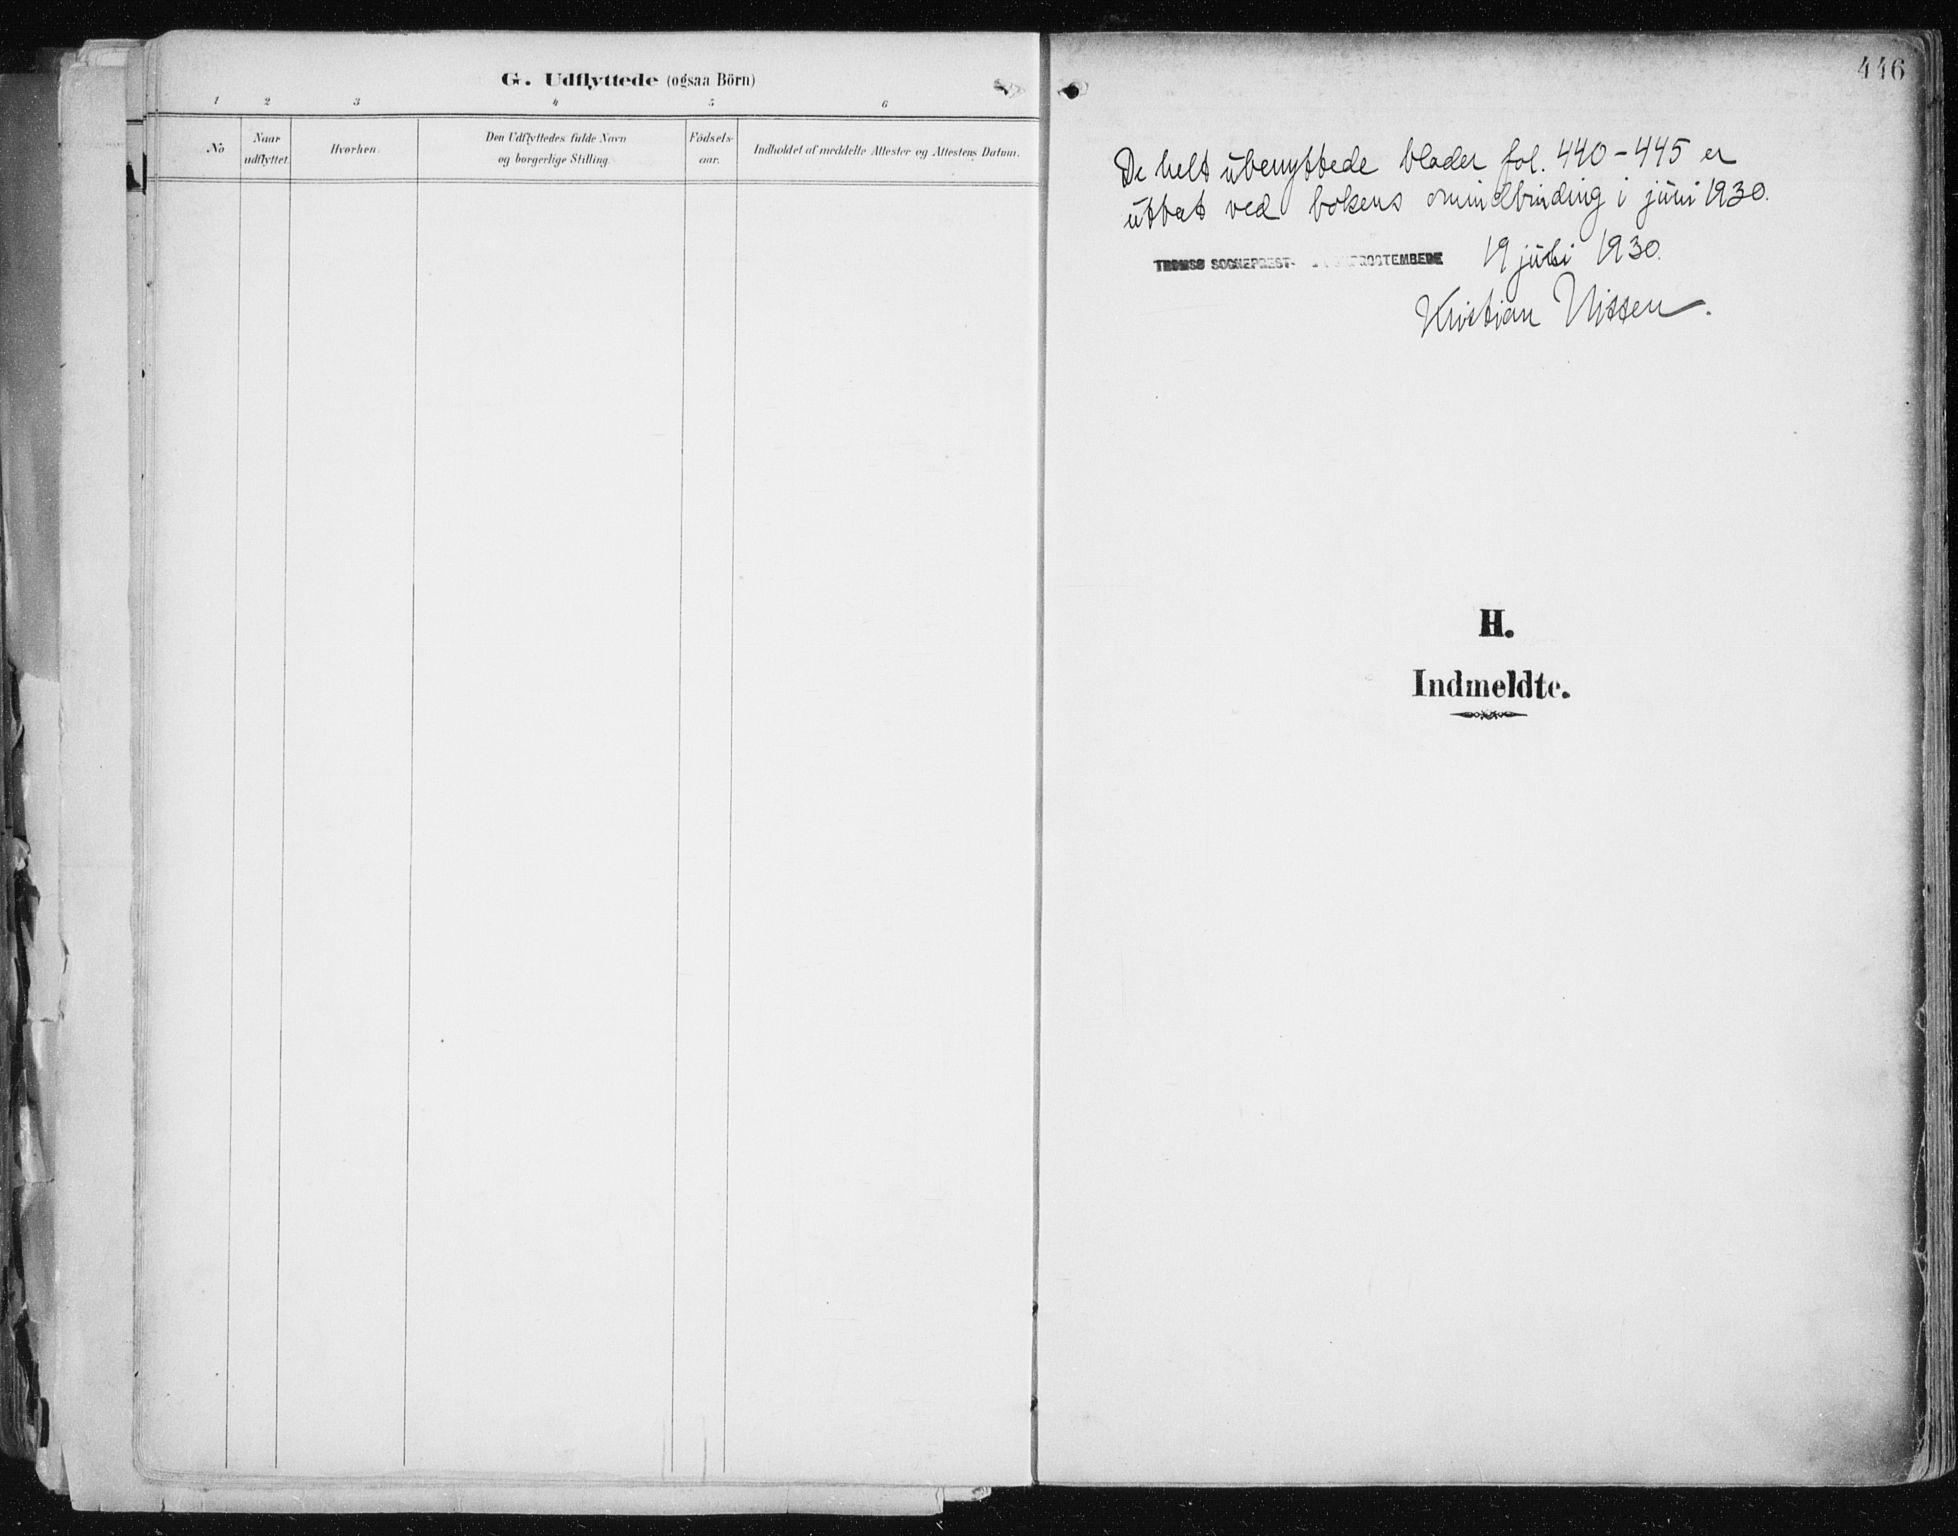 SATØ, Tromsø sokneprestkontor/stiftsprosti/domprosti, G/Ga/L0015kirke: Ministerialbok nr. 15, 1889-1899, s. 446